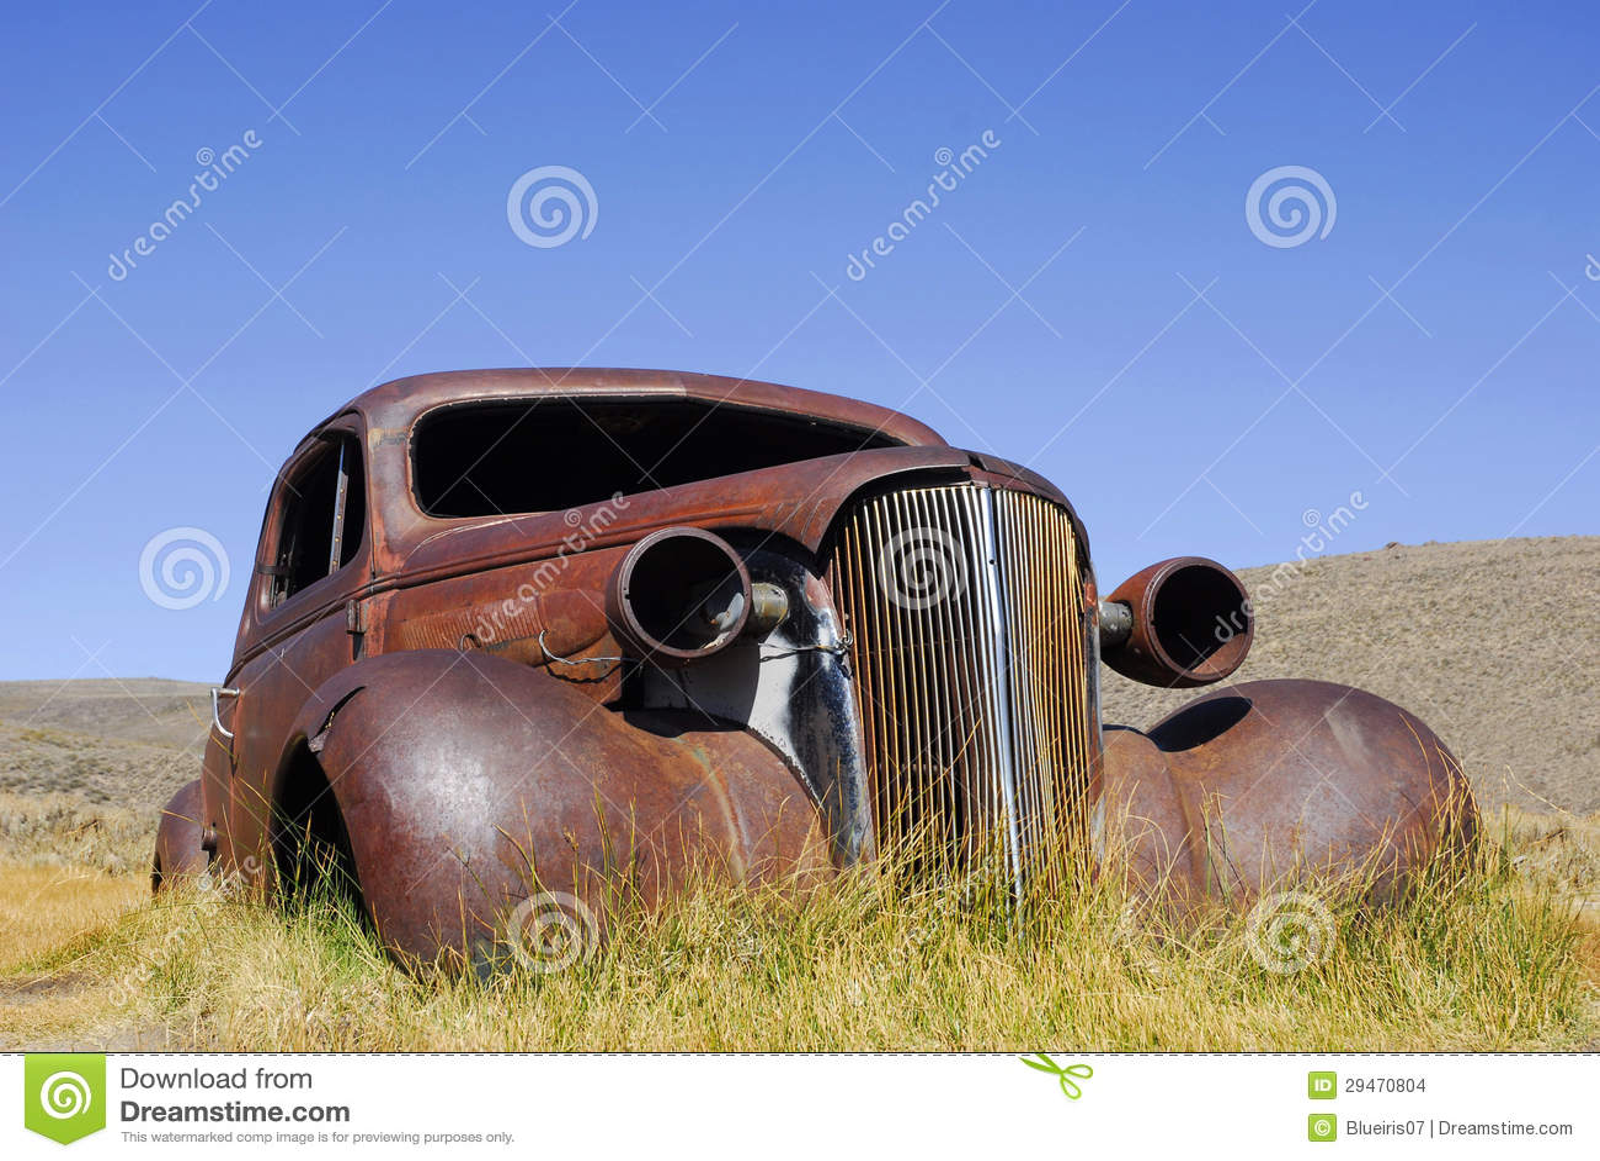 voiture ancienne abandonn e images stock image 29470804. Black Bedroom Furniture Sets. Home Design Ideas